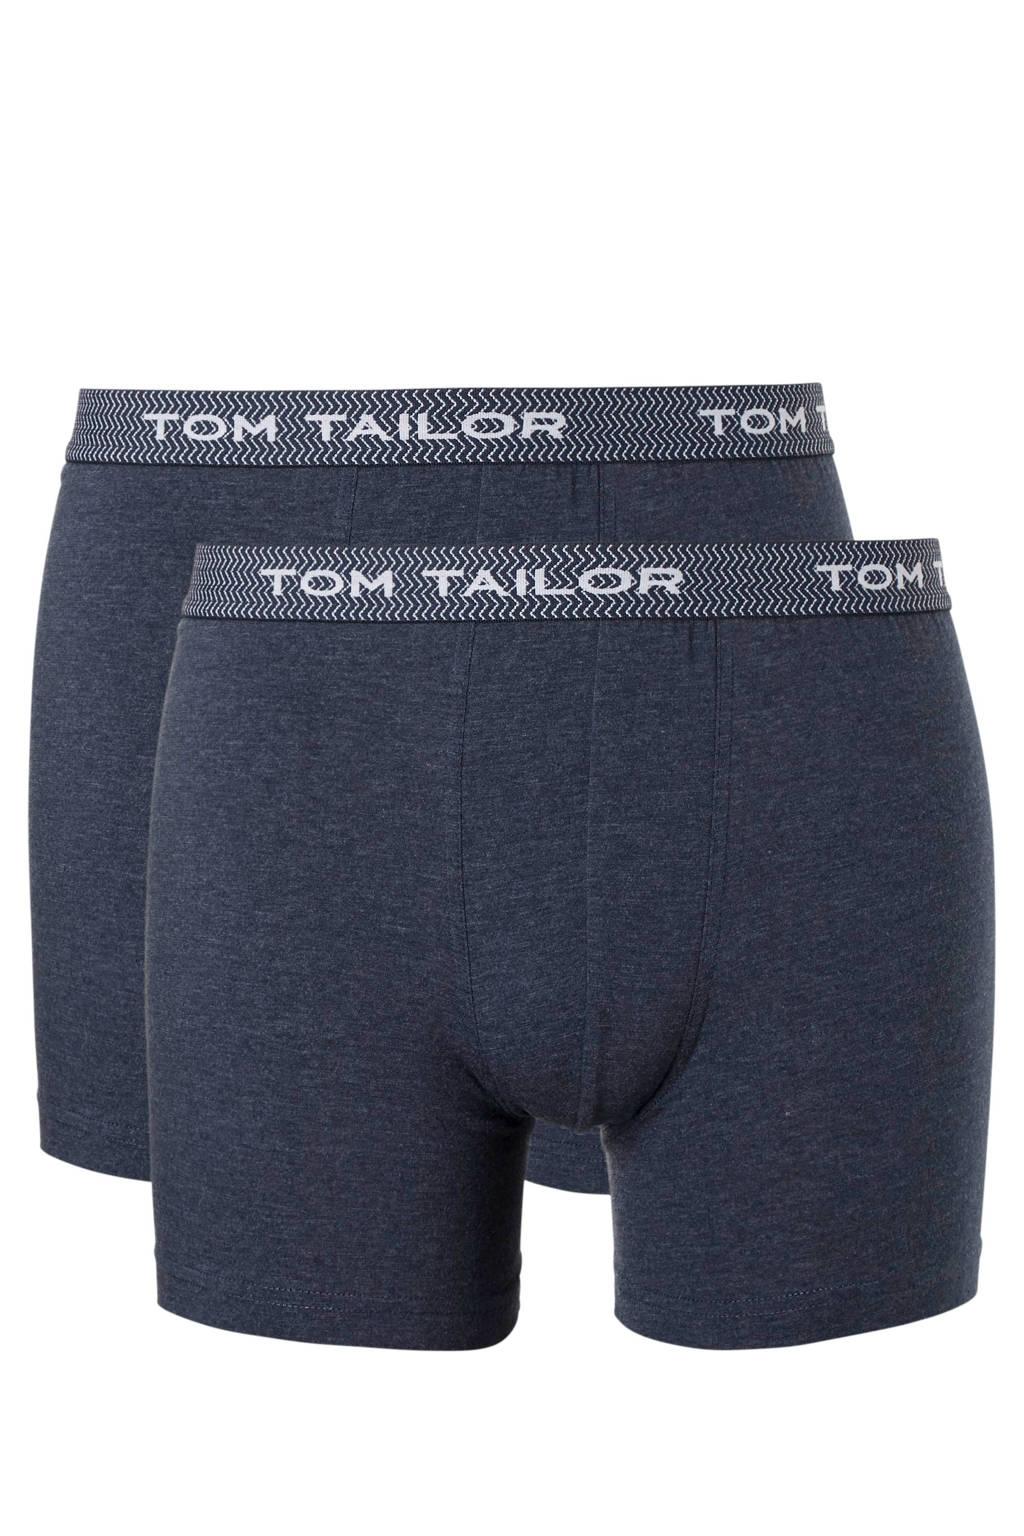 Tom Tailor boxershort (set van 2), Blauw